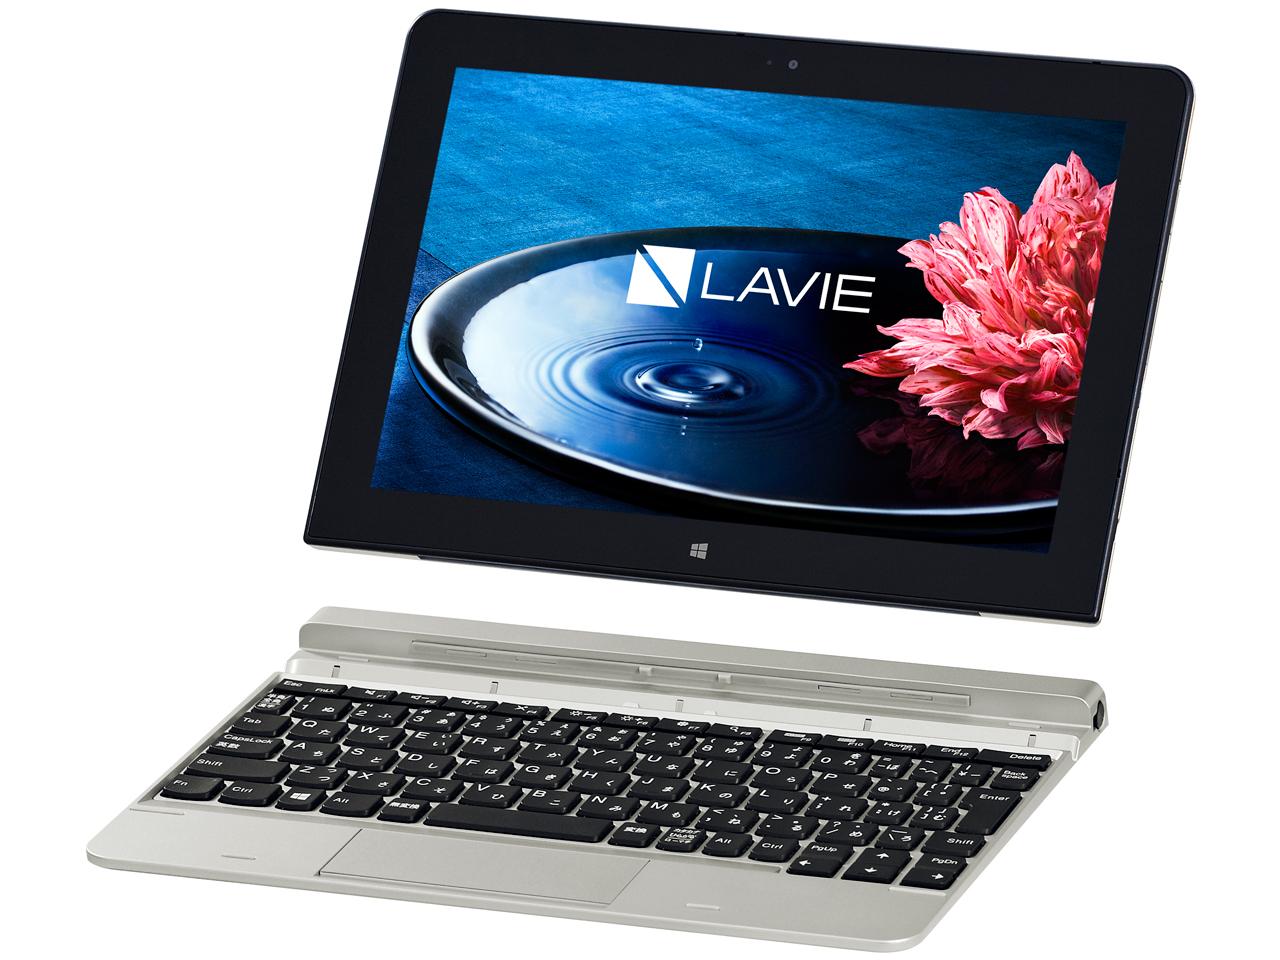 『本体2』 LAVIE Tab W TW710/BBS PC-TW710BBS の製品画像